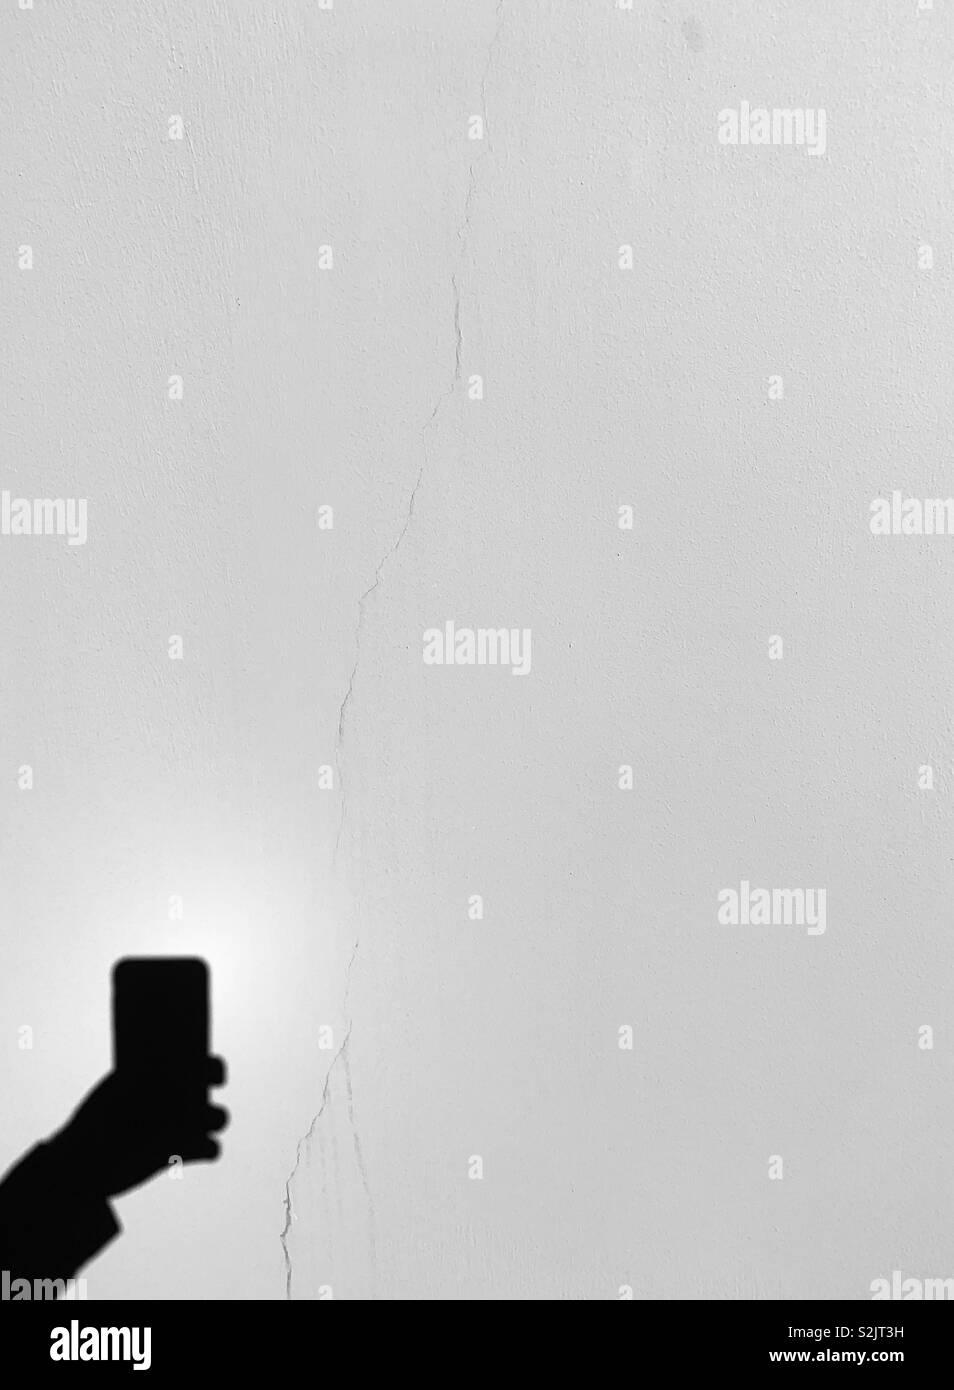 L'ombre d'une main tenant un téléphone cellulaire. Photo Stock